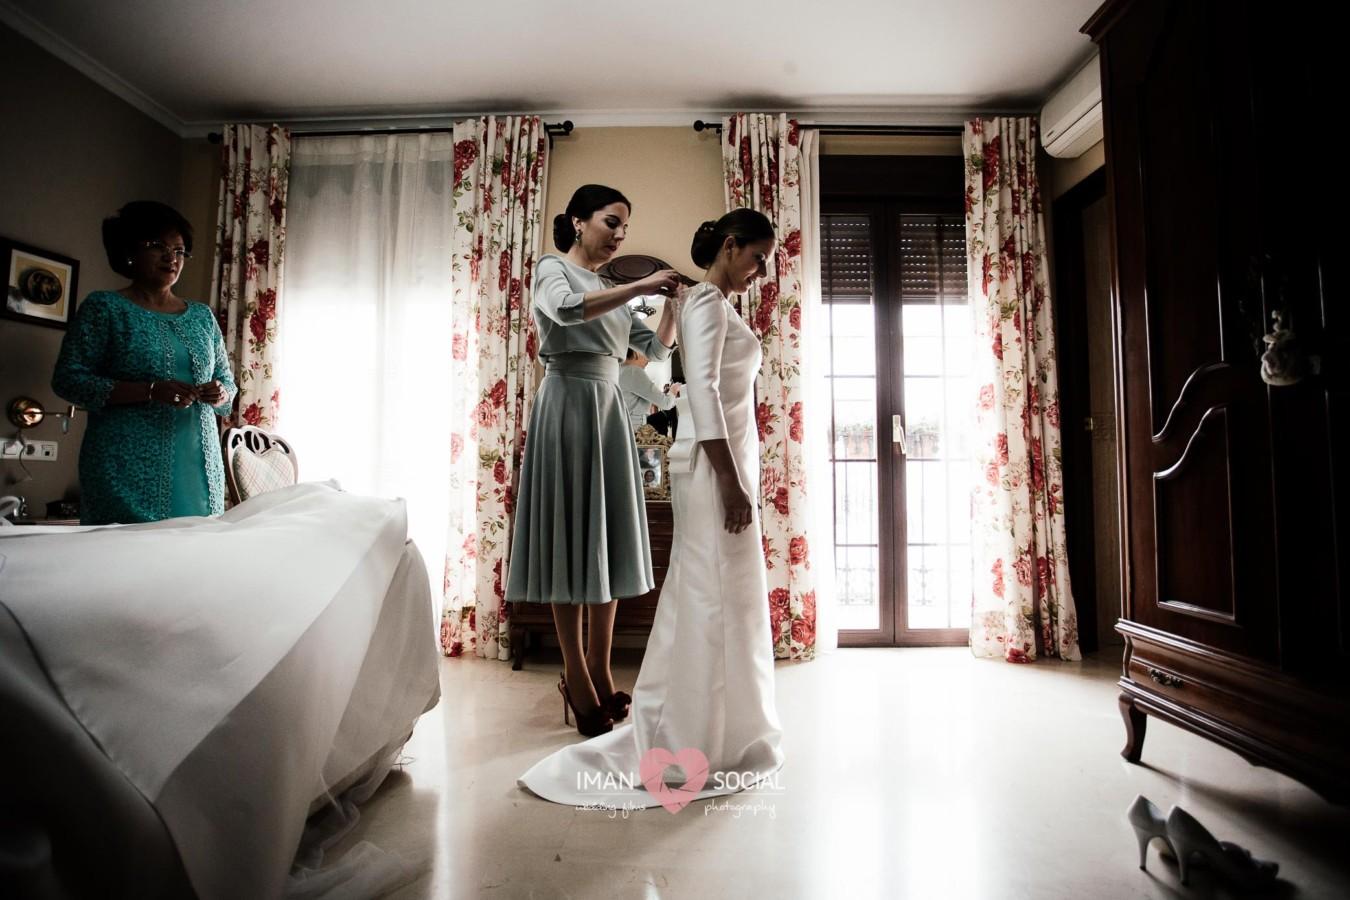 fotografo-de-boda-en-cordoba-sevilla-posadas-boda-auxi-y-antonio-21 Auxi & Antonio, primera boda de la temporada - video boda cordoba